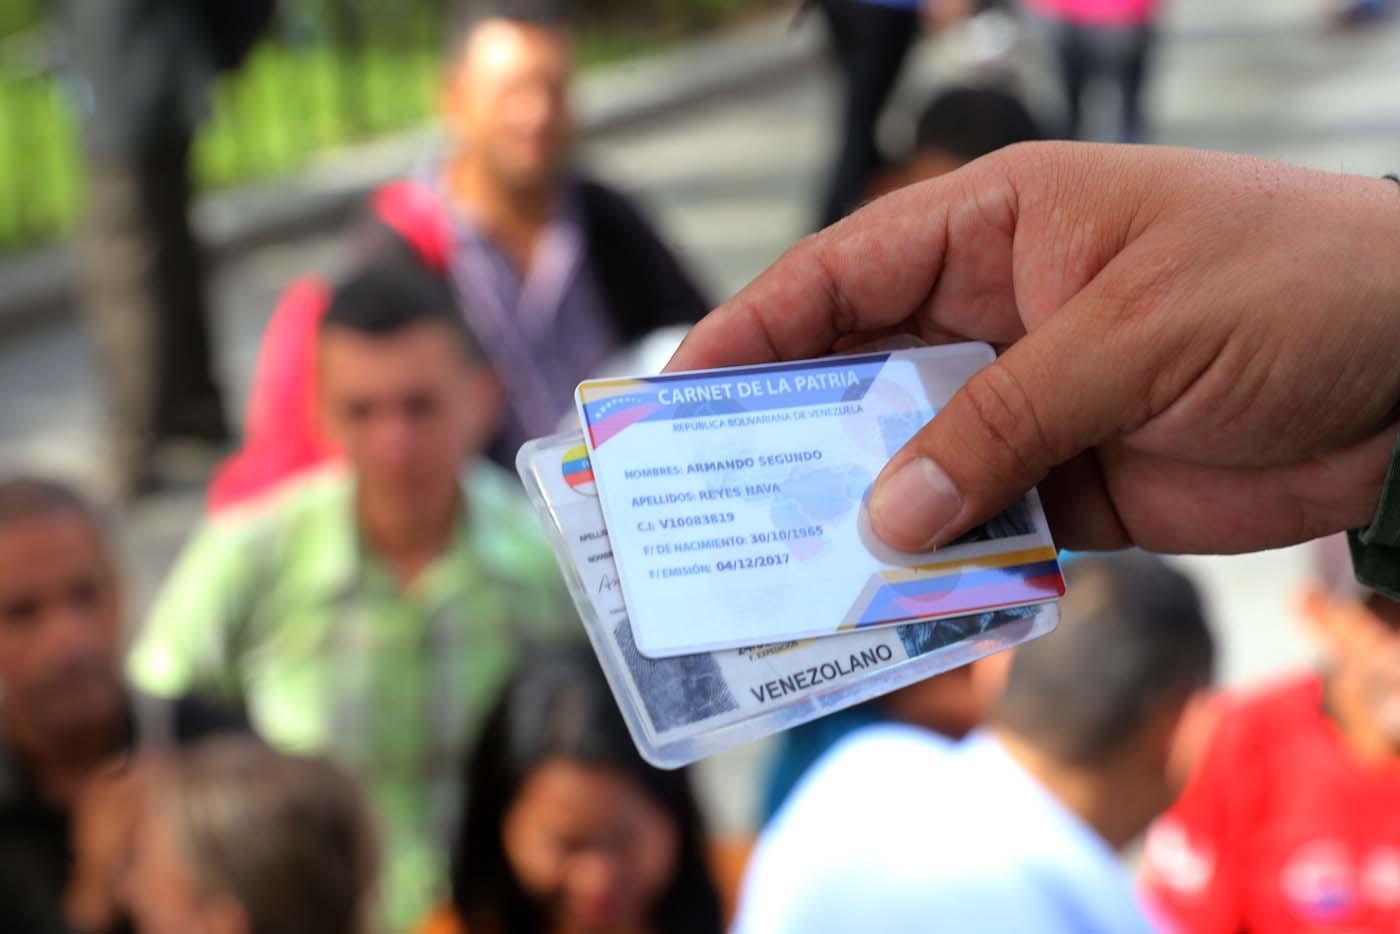 La responsabilidad es mía: Nicolás Maduro admite que fracasó